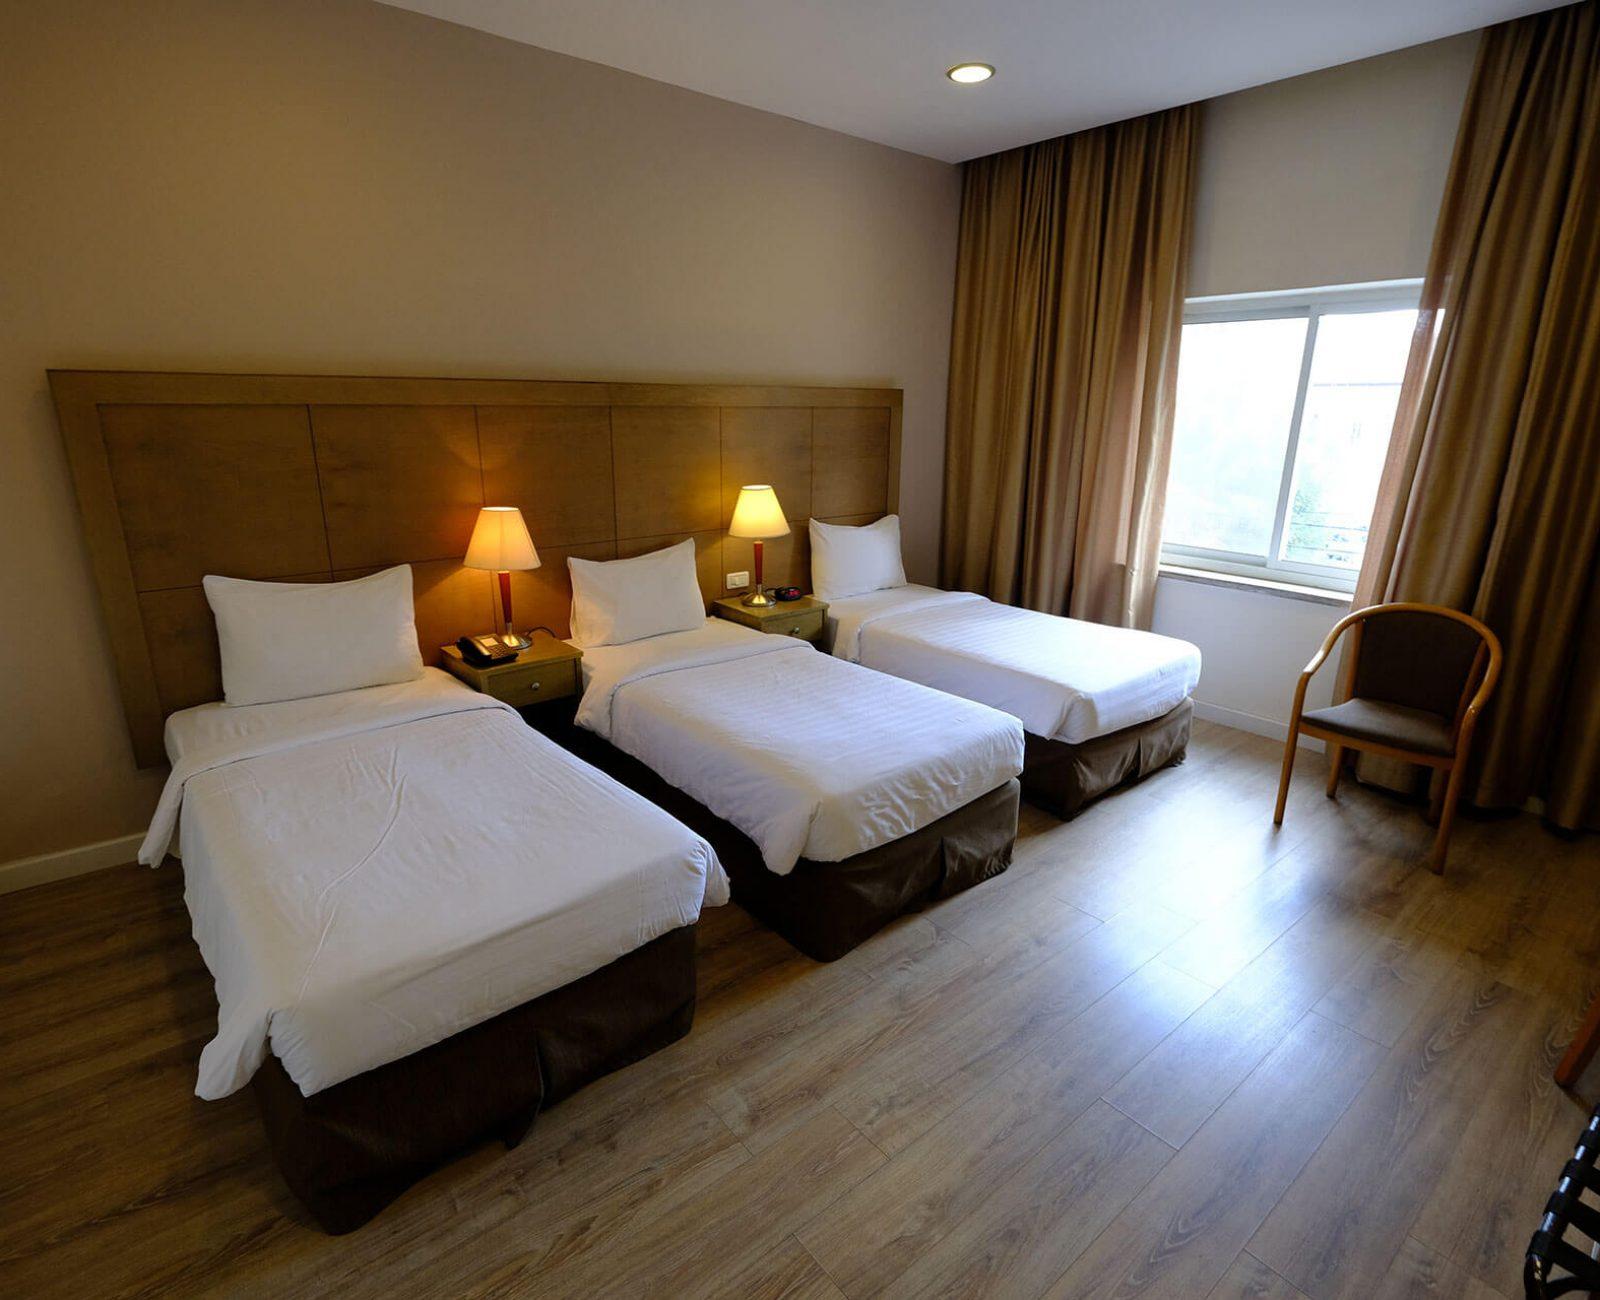 Ritz hotel_Standard Triple Room (3)